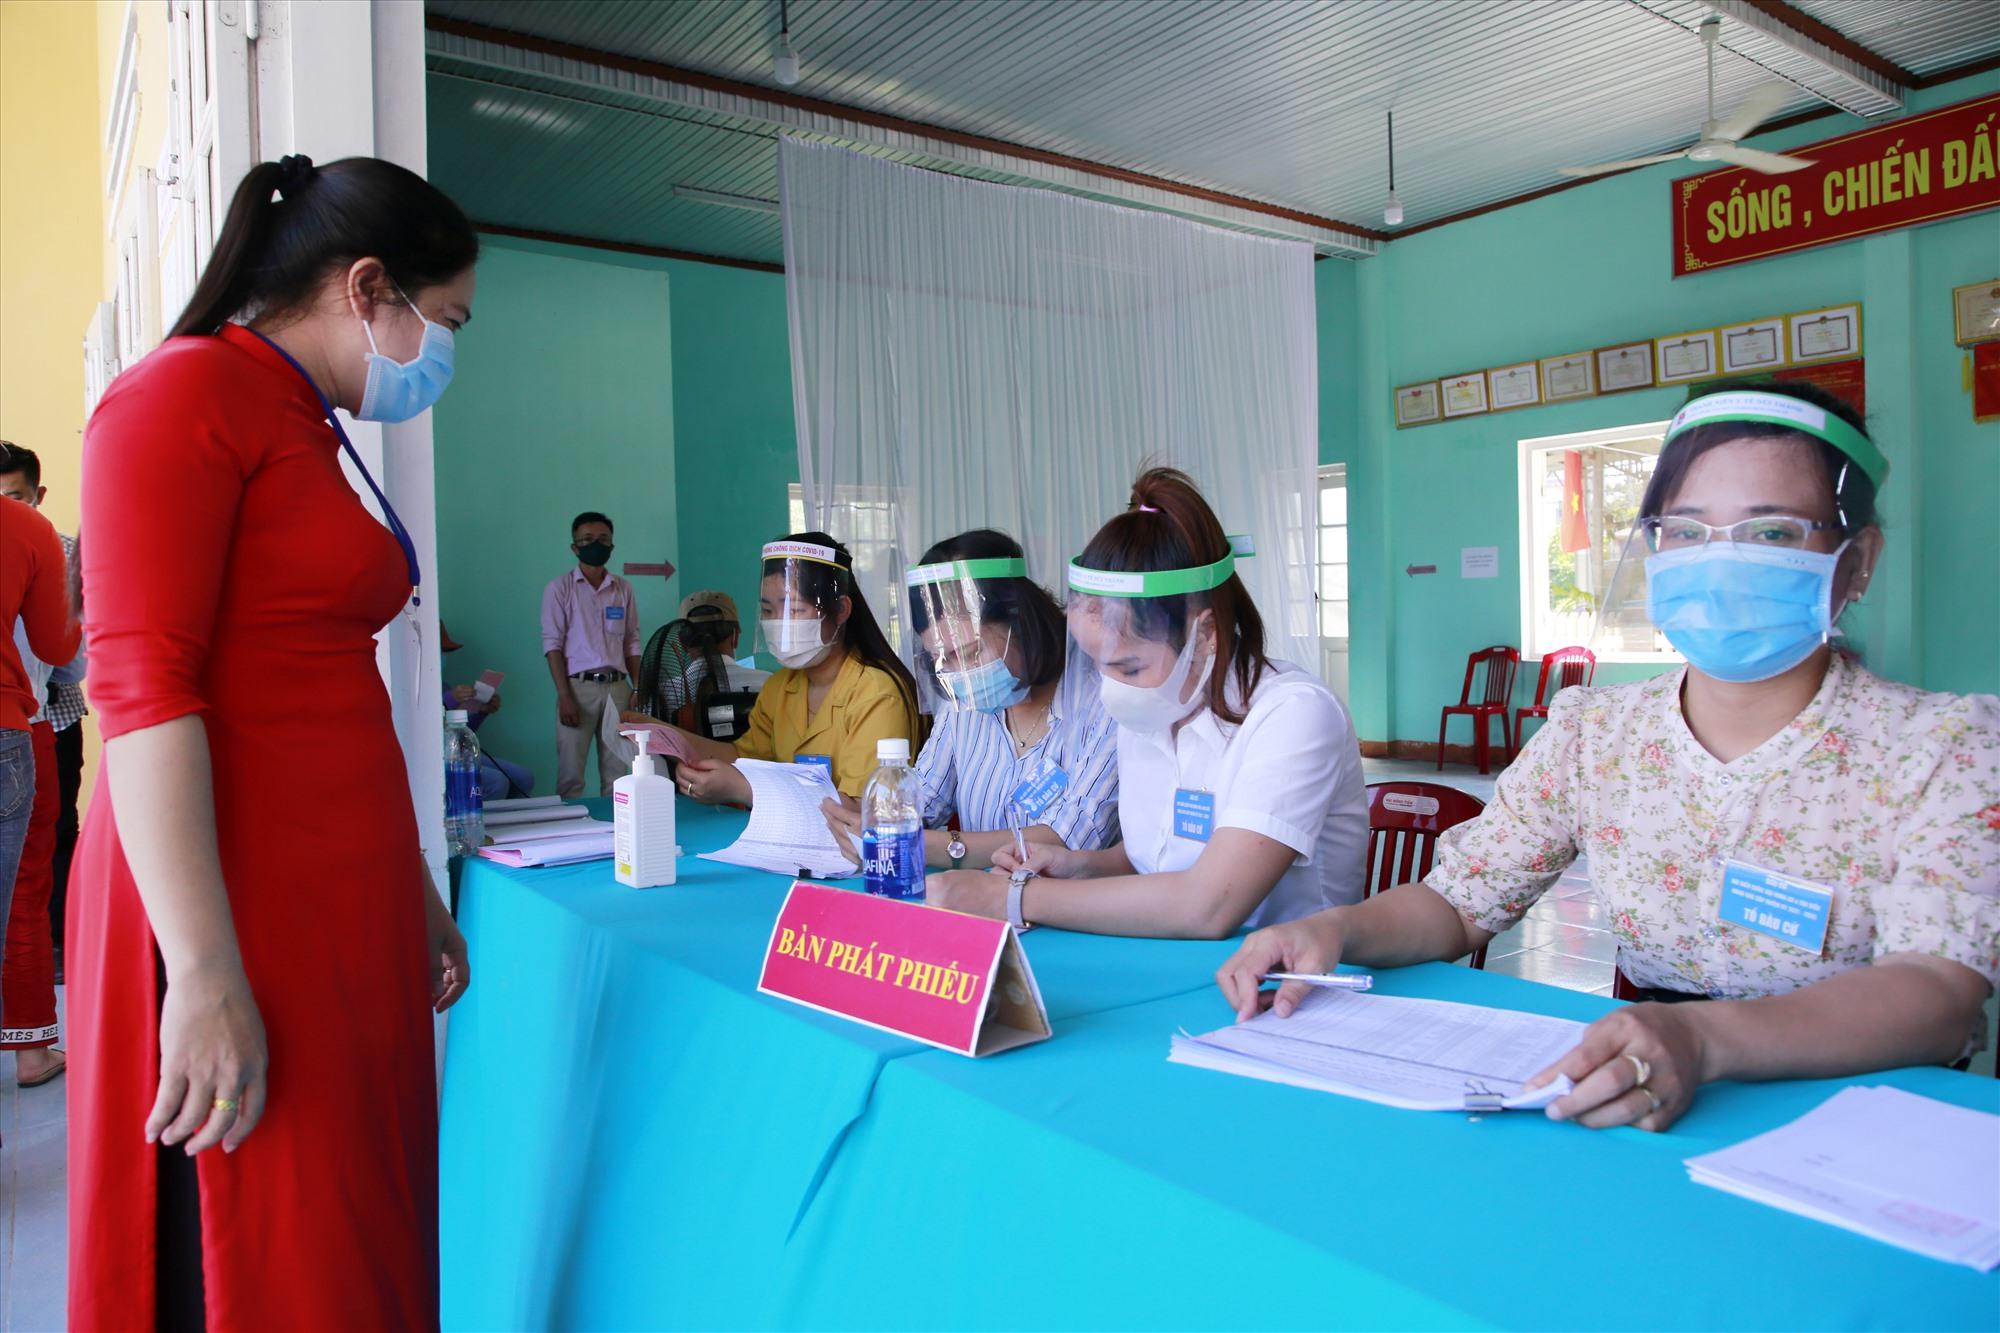 Công tác phòng chống dịch được thực hiện nghiêm ở các khu vực bỏ phiếu thuộc xã Tam Quang (Núi Thành). Ảnh: T.C